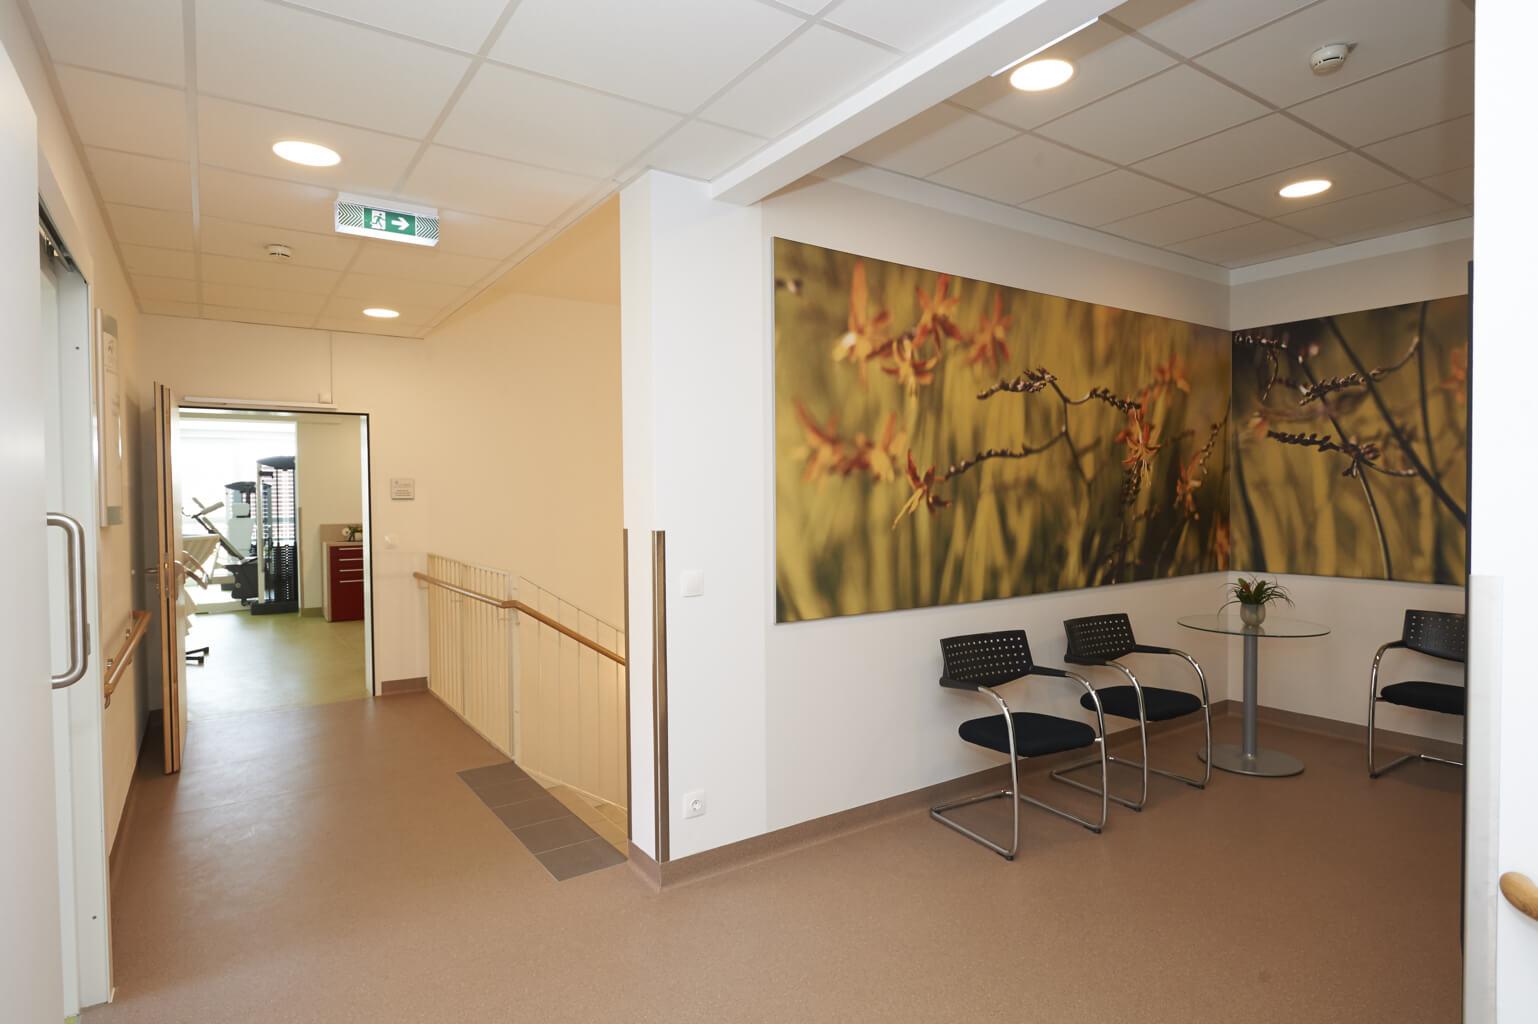 Physikalisches Institut Kittsee Wartebereich